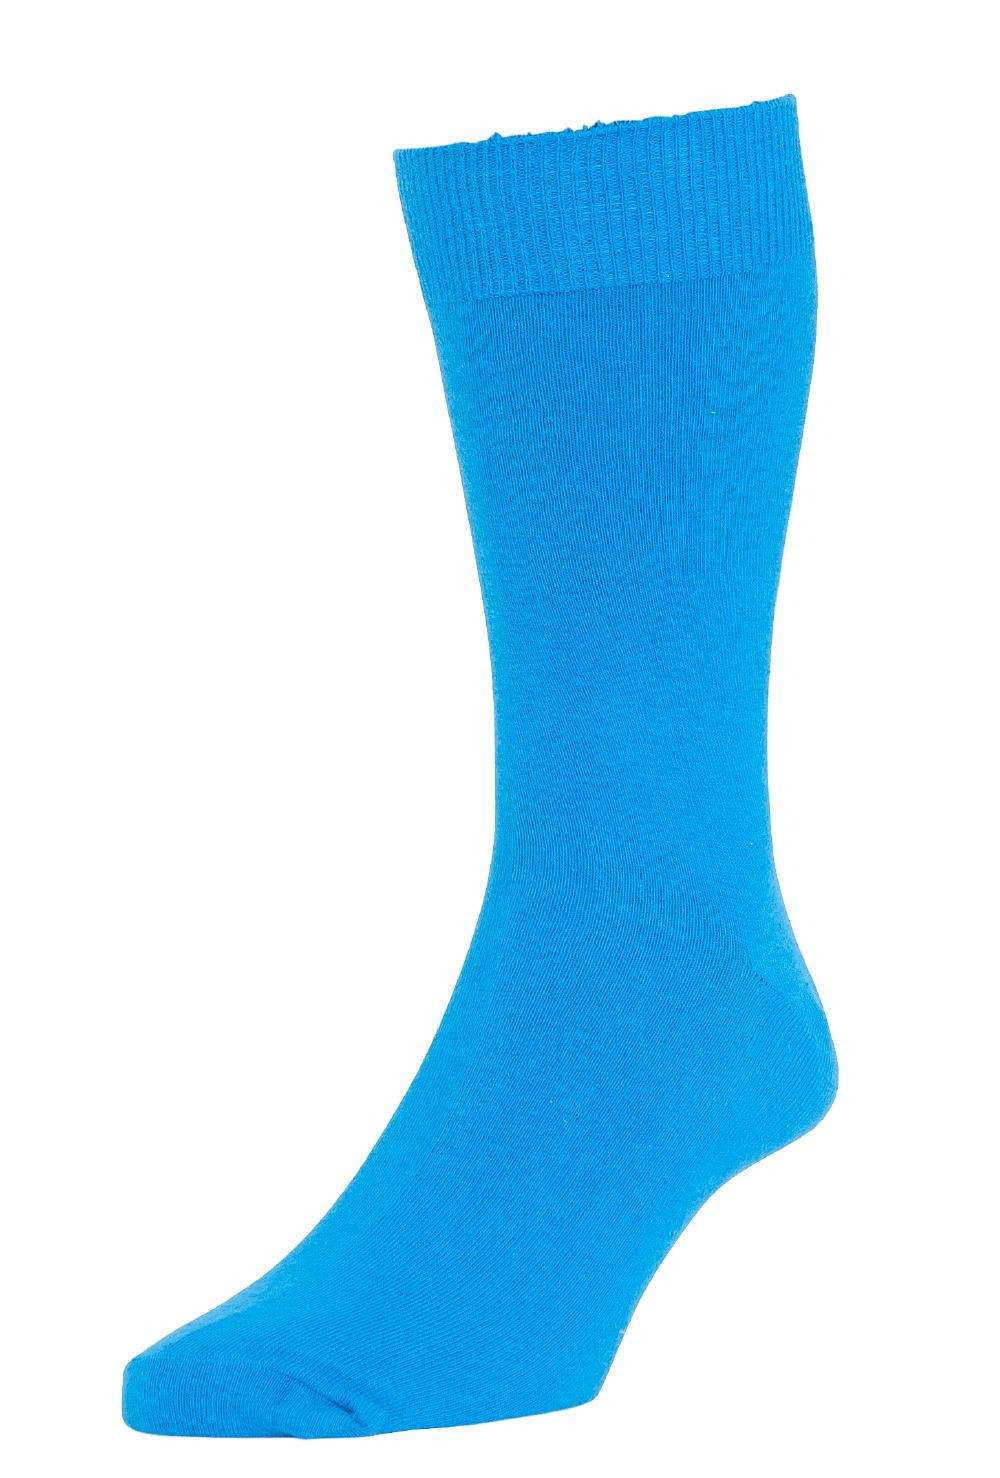 HJ Hall Fashion Colours Socks size 6-11 New Royal HJ48 12 pairs